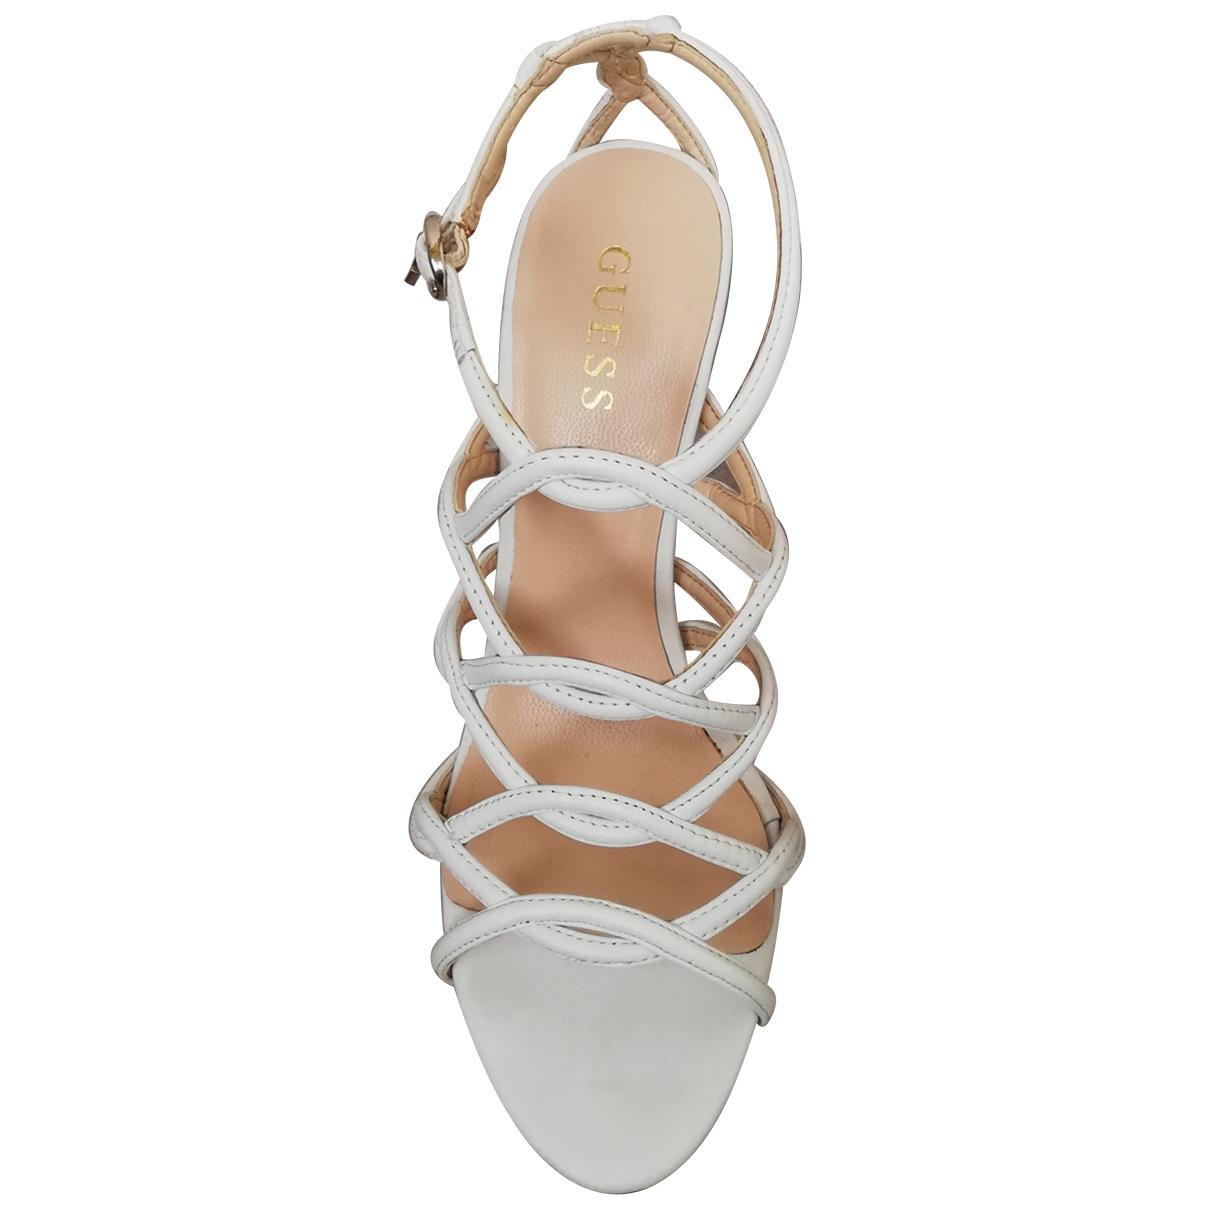 Guess - Sandales   pour femme en cuir - blanc